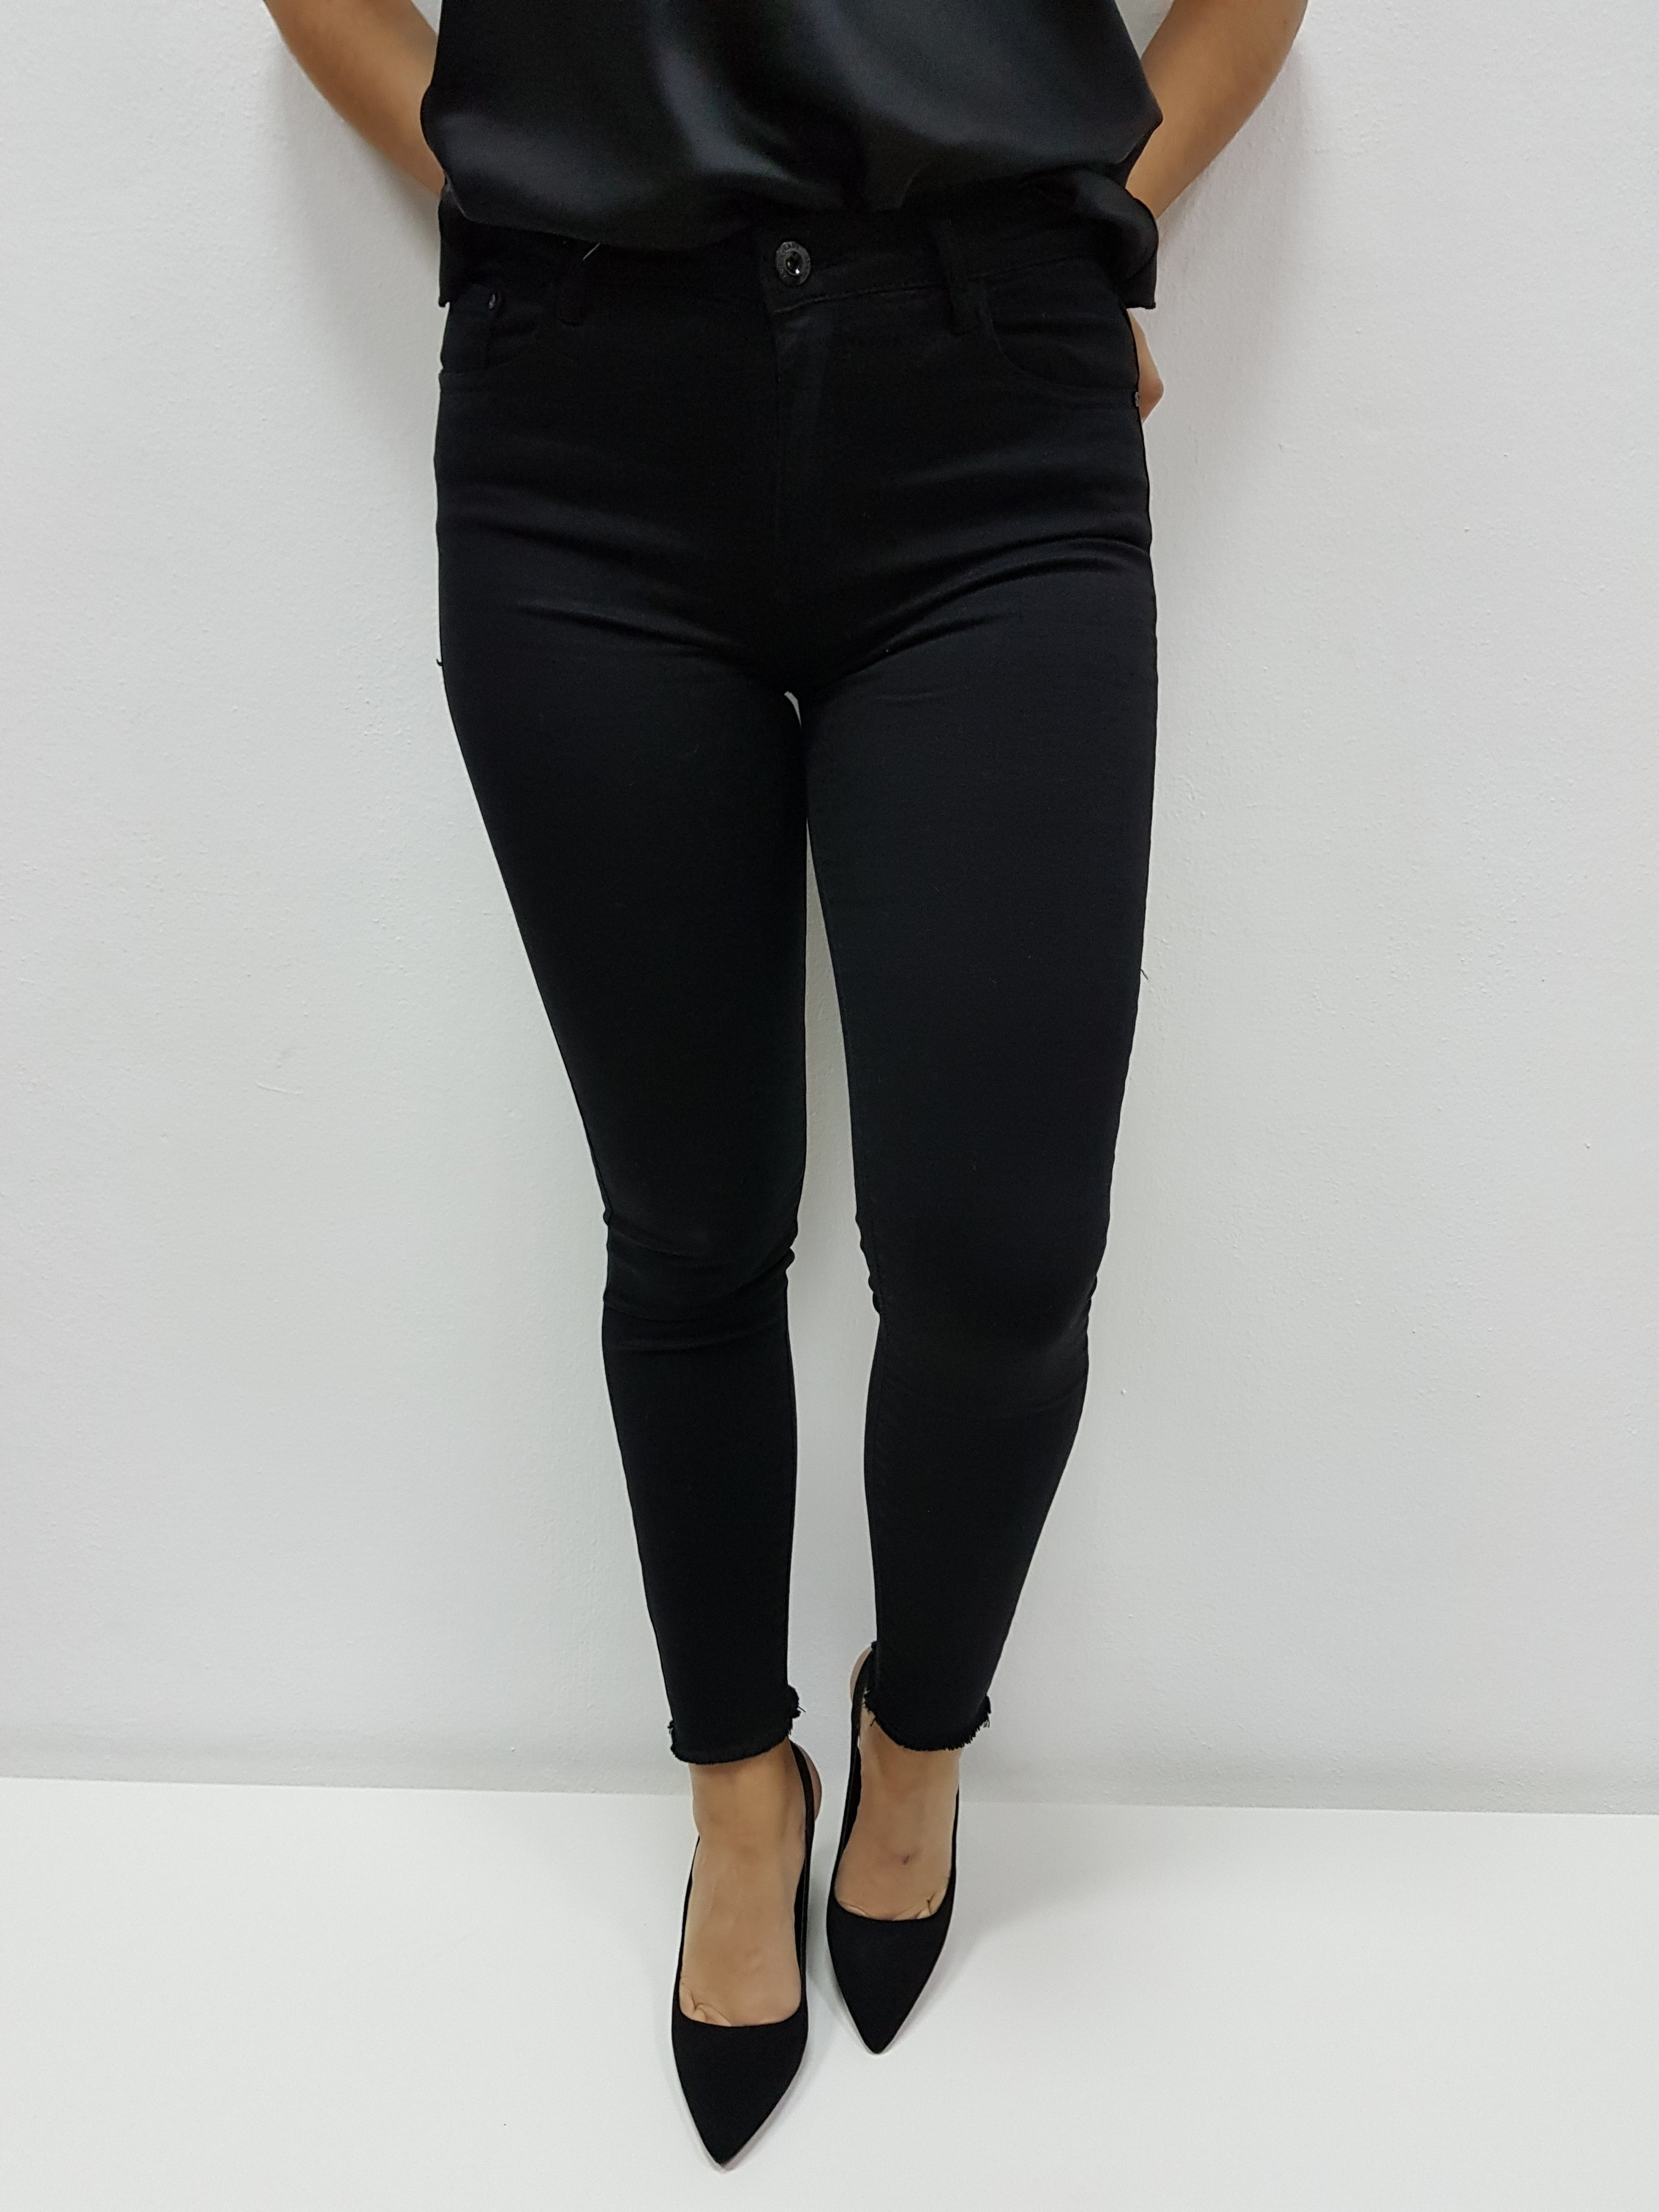 Skinny Negro Tiro Alto Pantalones Euforia Modas